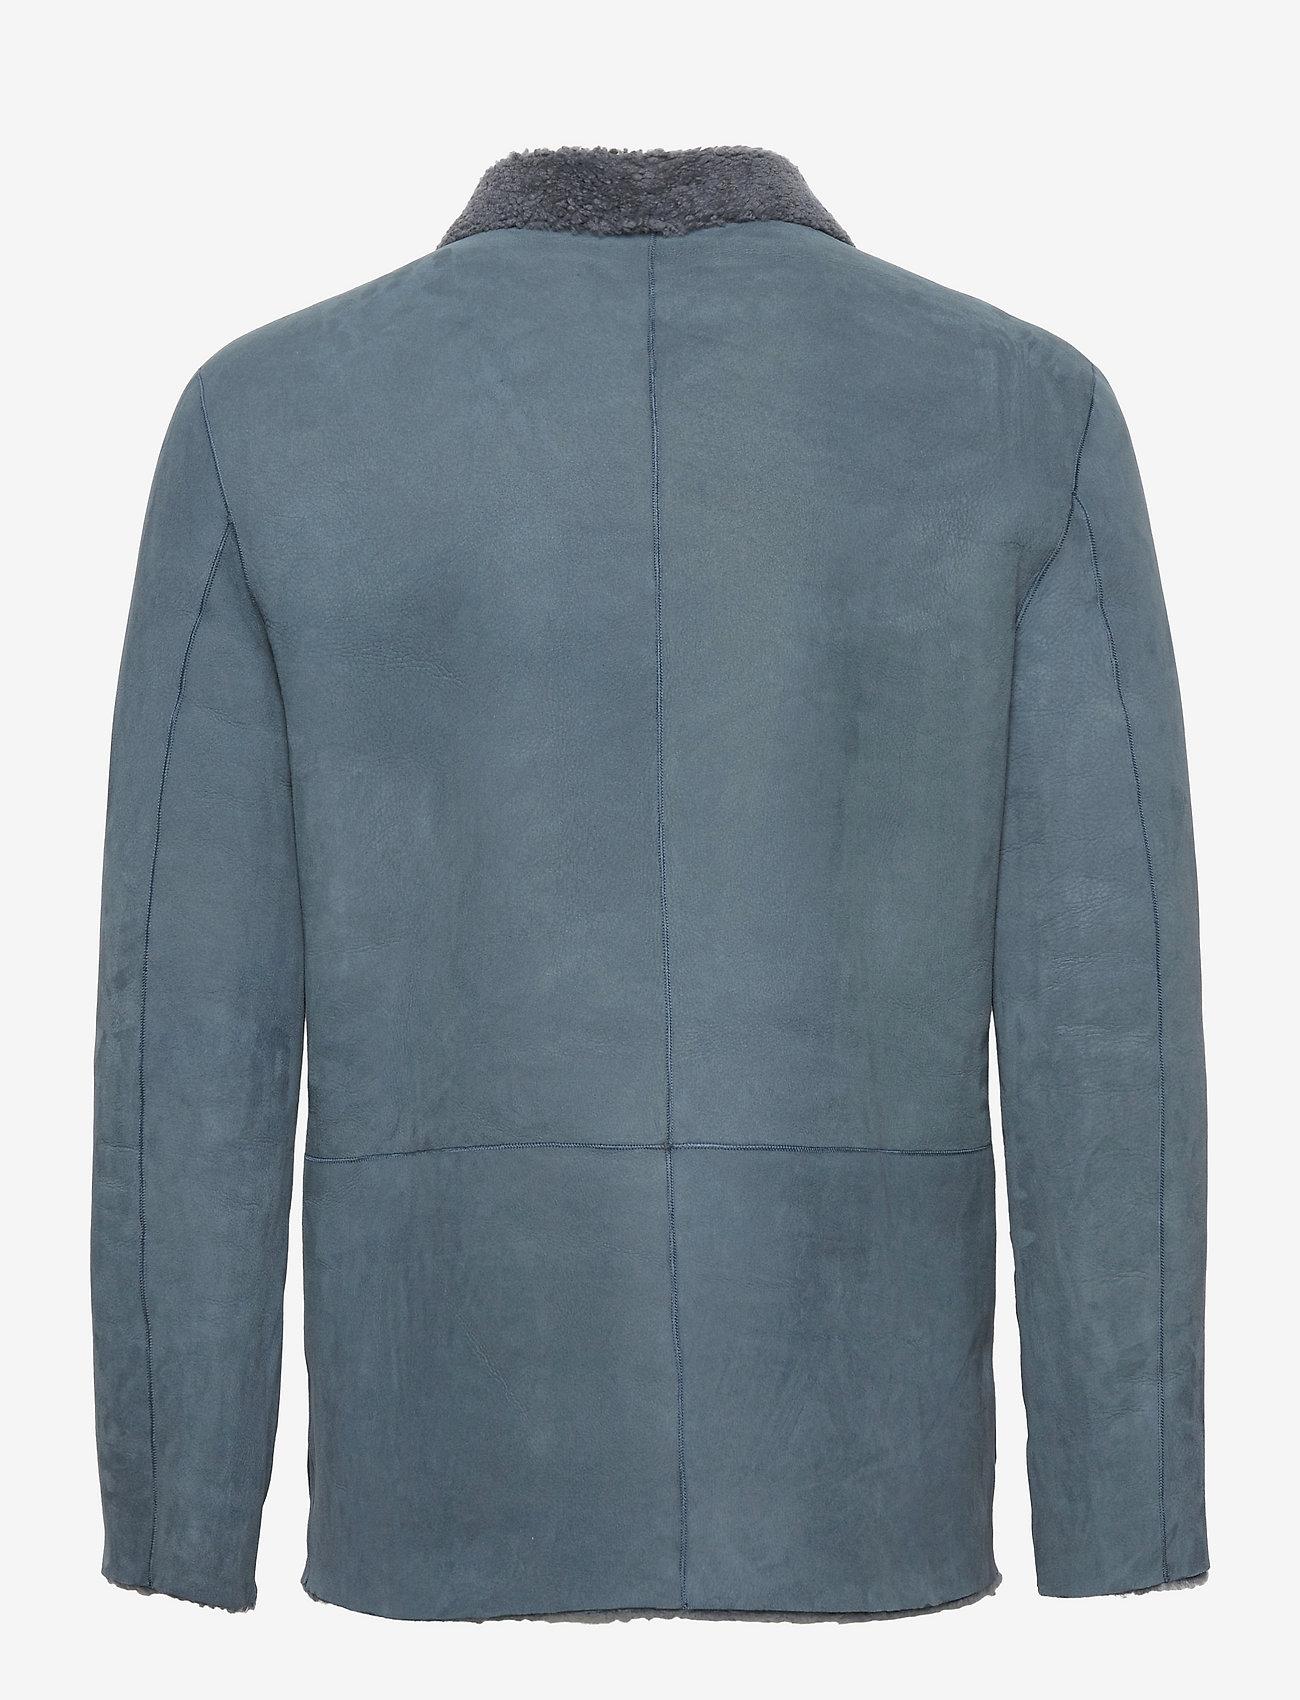 Closed - mens jacket - manteaux legères - blue slate - 1